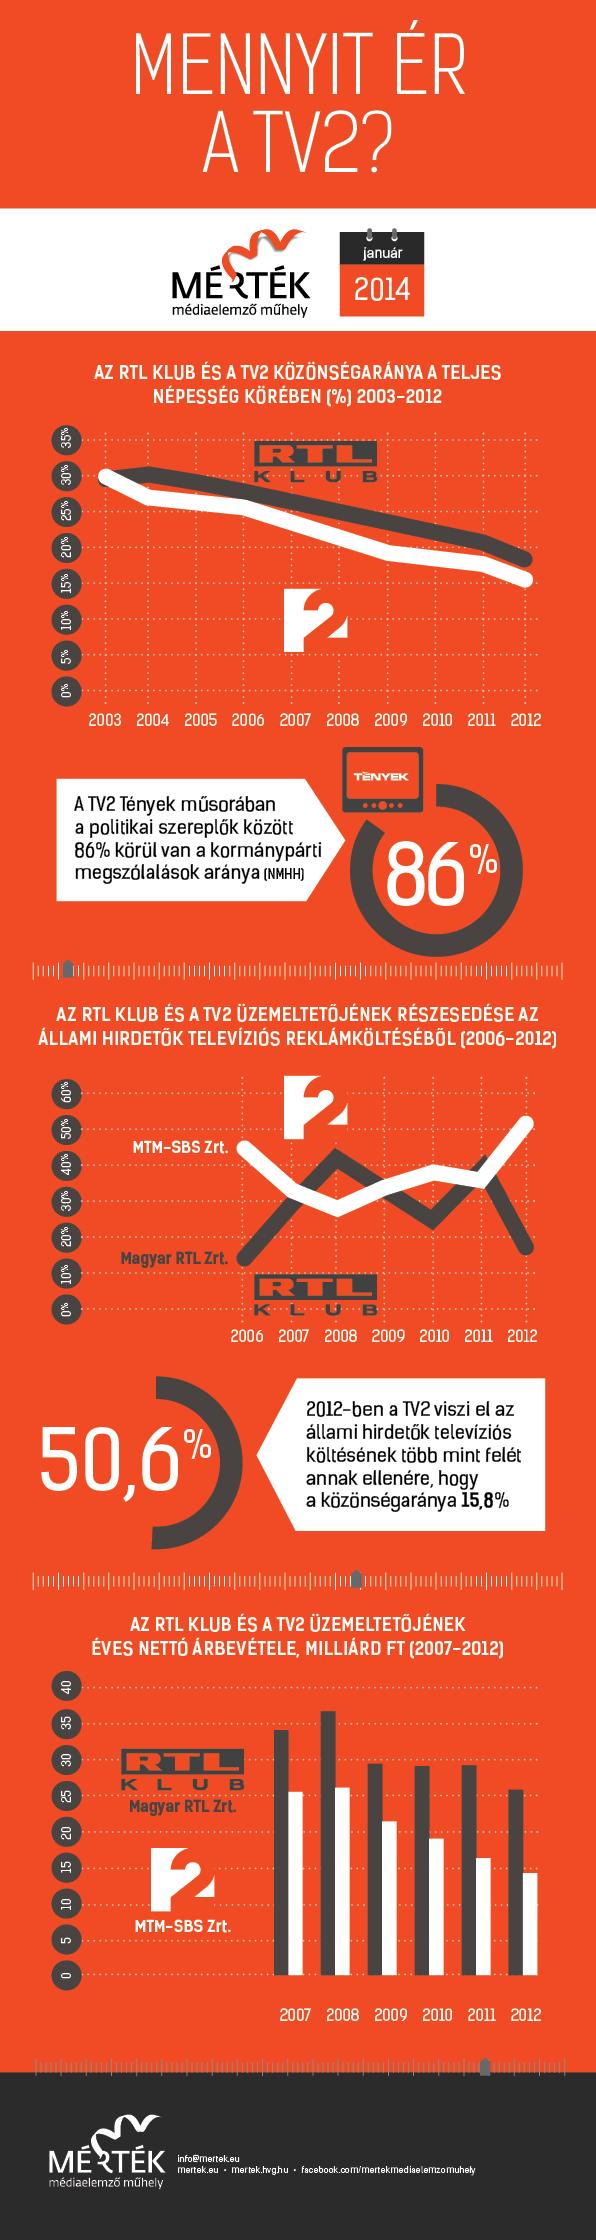 Mennyit ér a TV2?